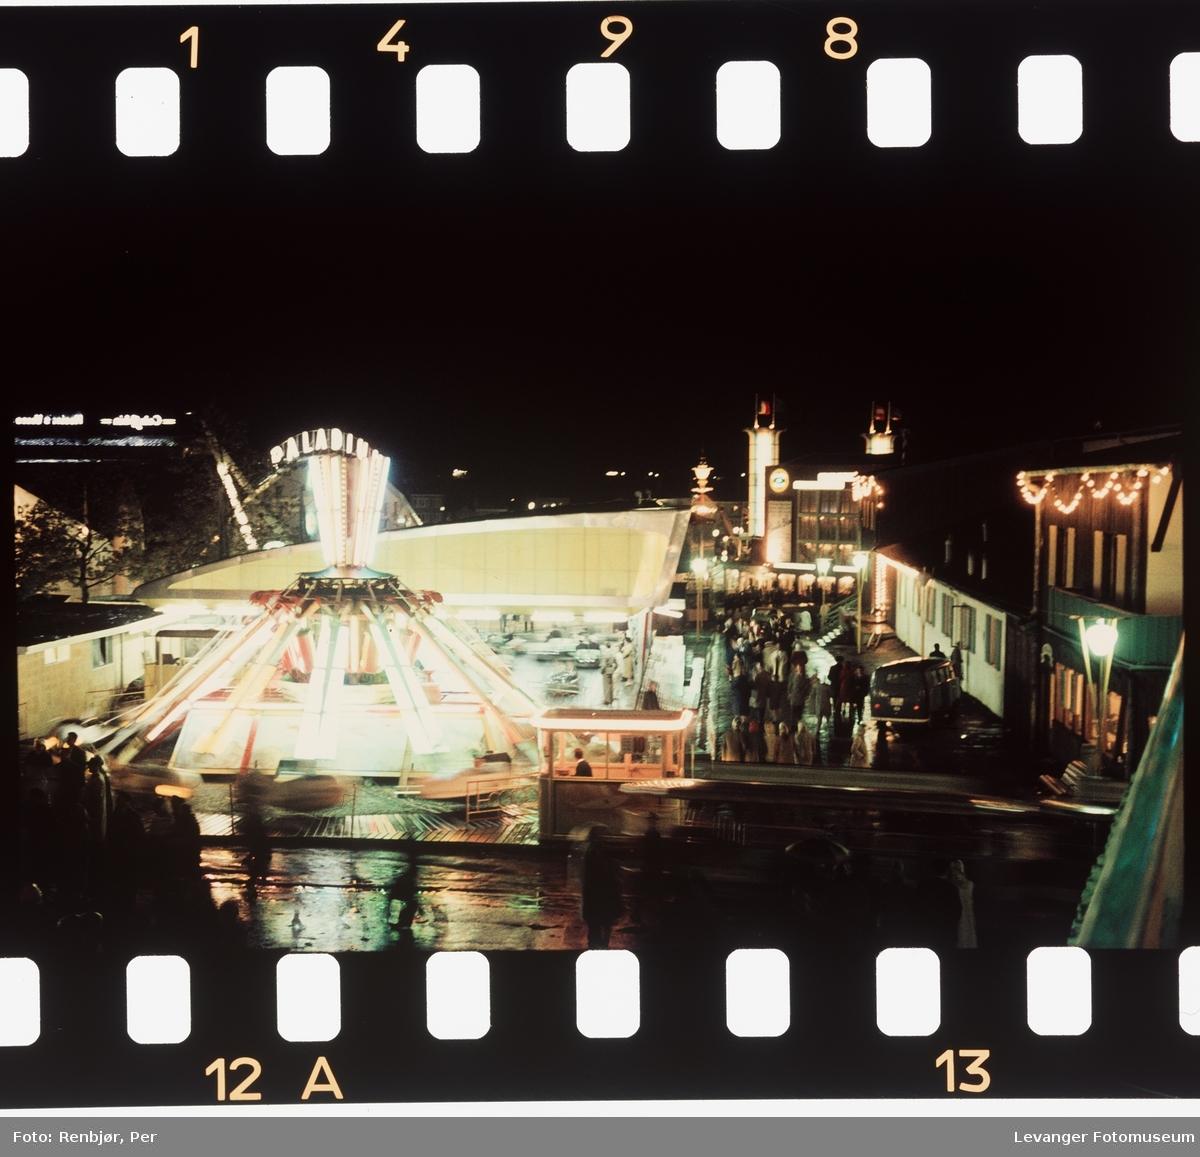 Fra verdensutstillingen i Brussel Expo 1958.